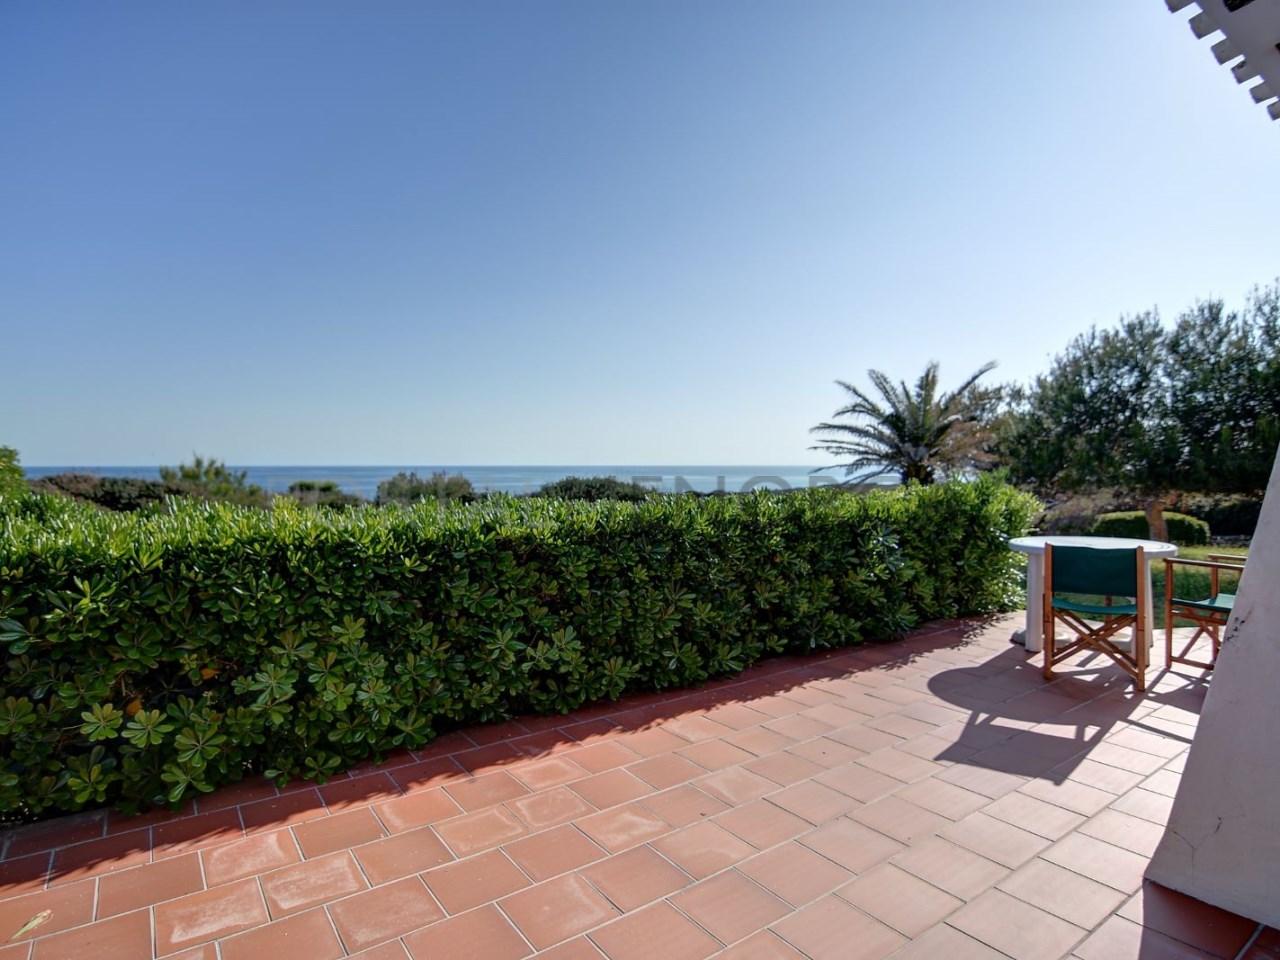 terraza-villa-binidali-con-barbacoa-menorca-H2534(3)